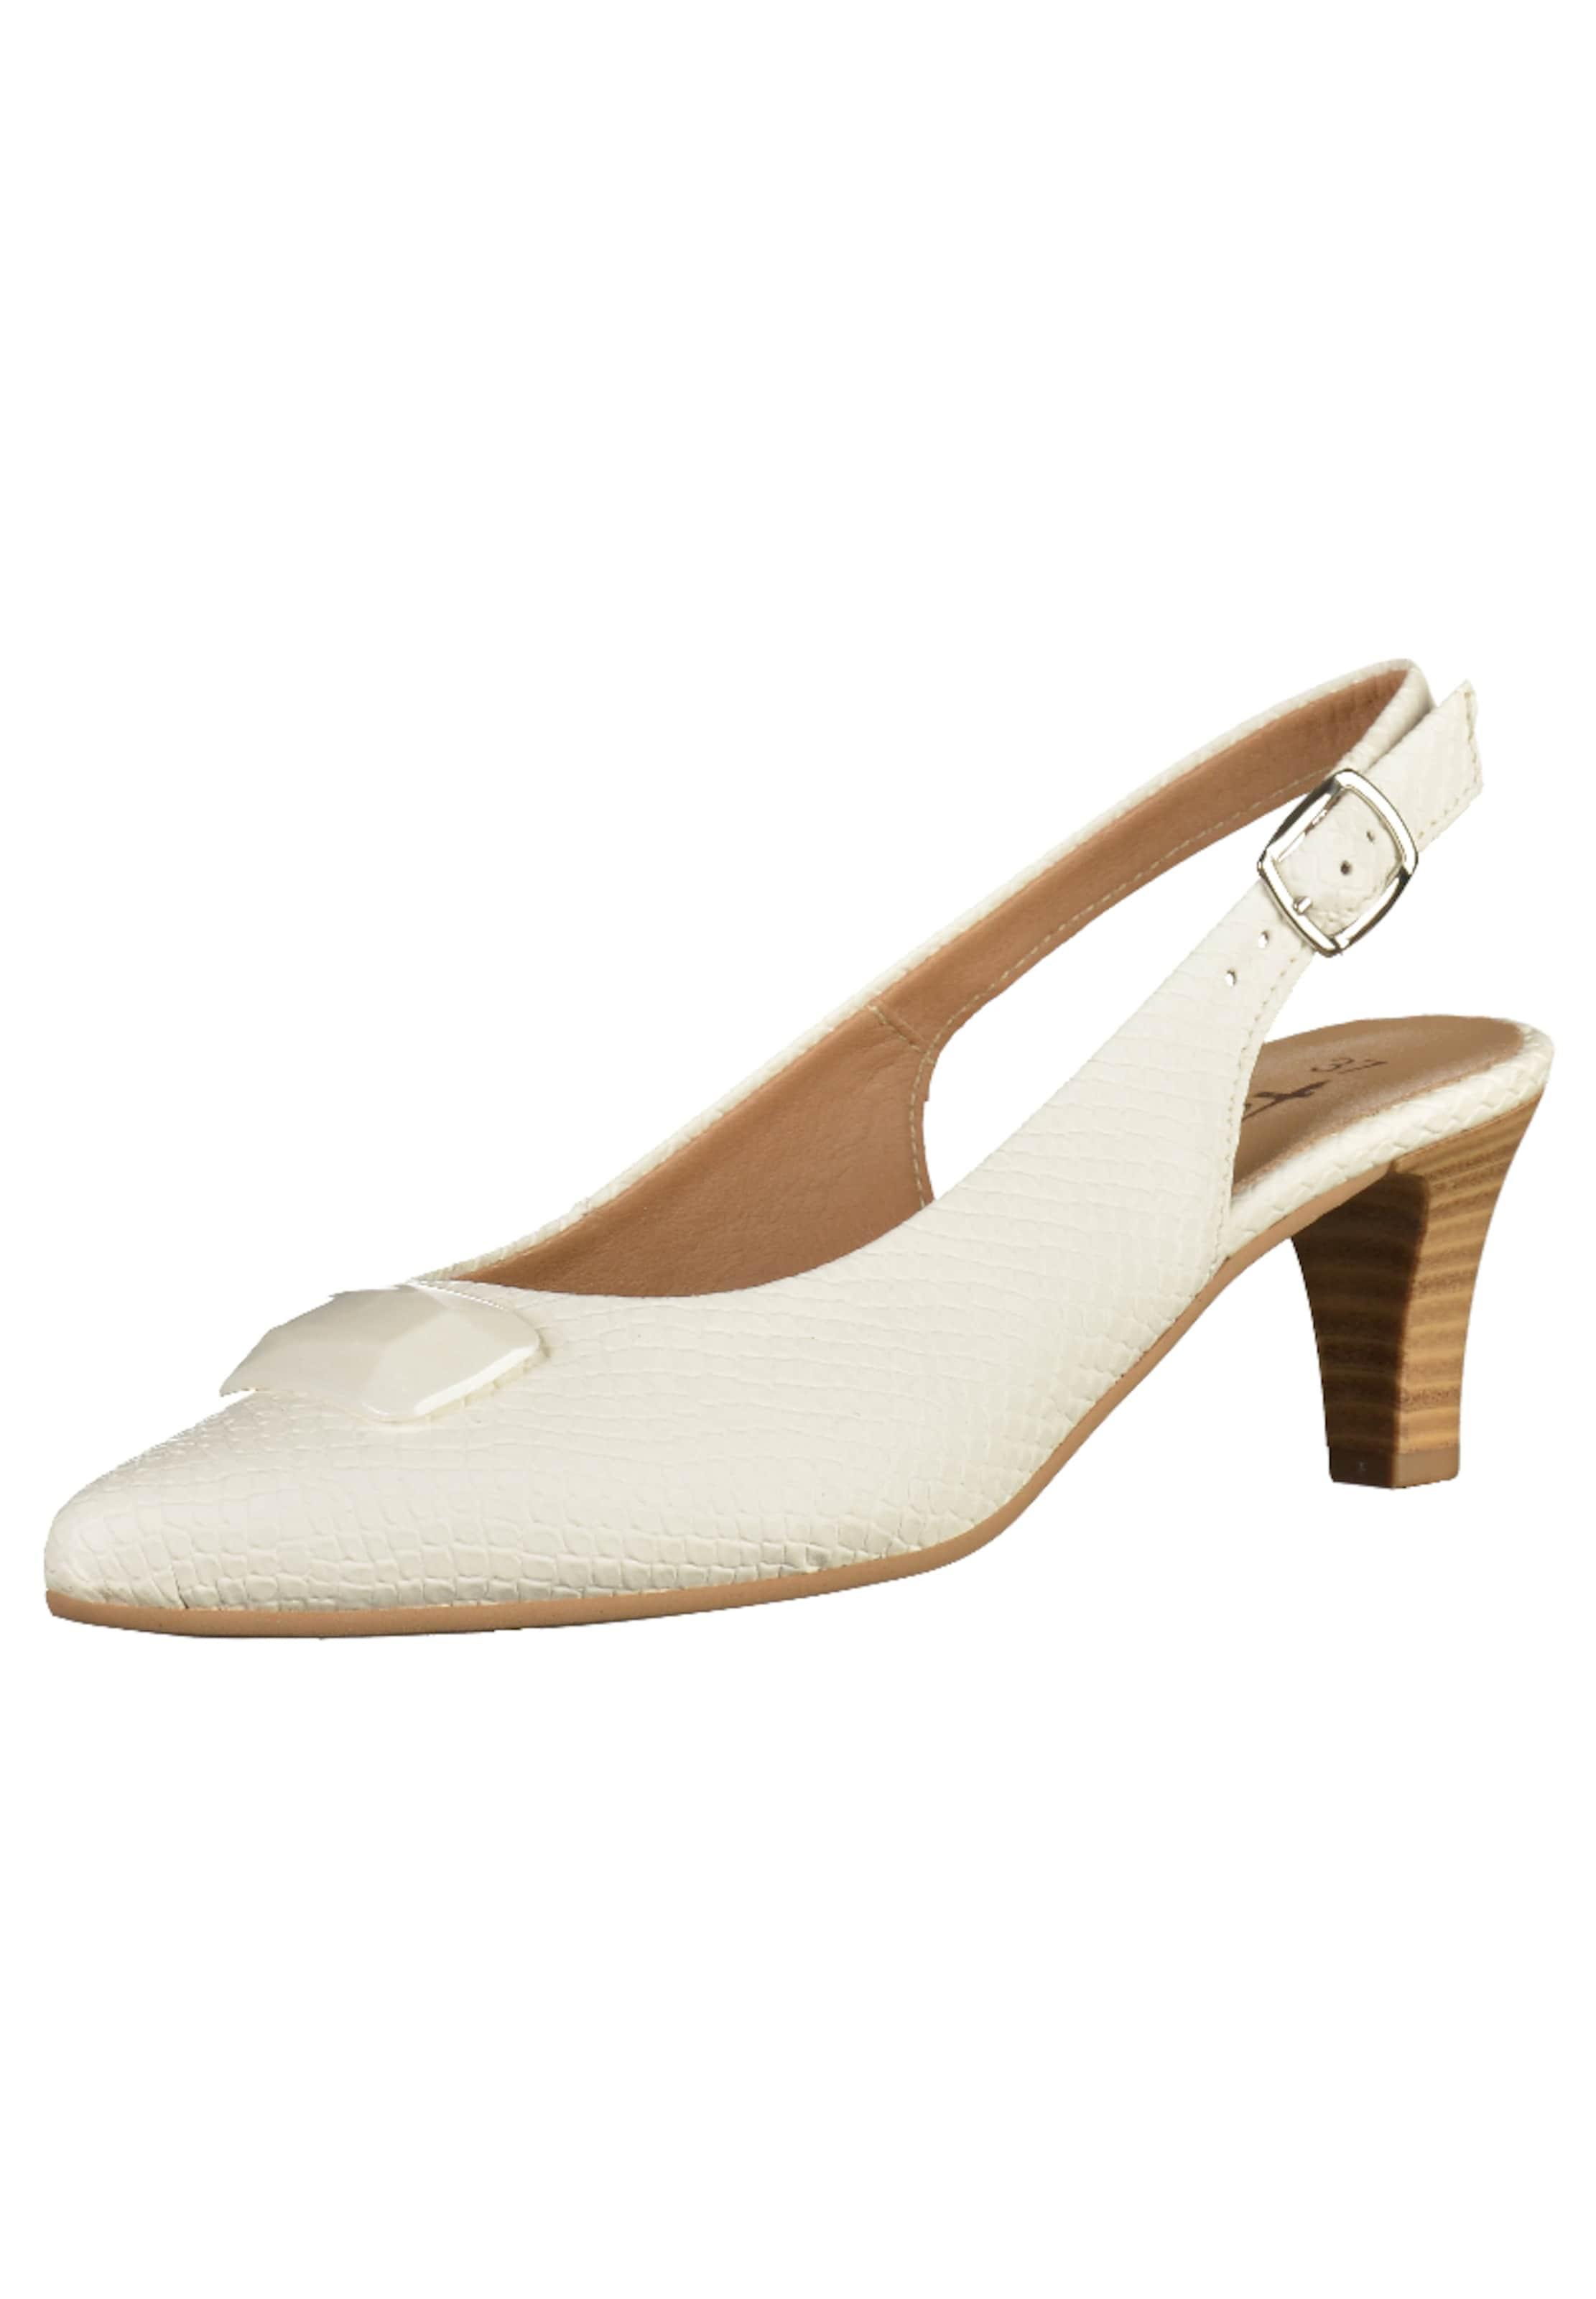 Haltbare Mode Schuhe billige Schuhe TAMARIS | Pumps Schuhe Mode Gut getragene Schuhe a796d7